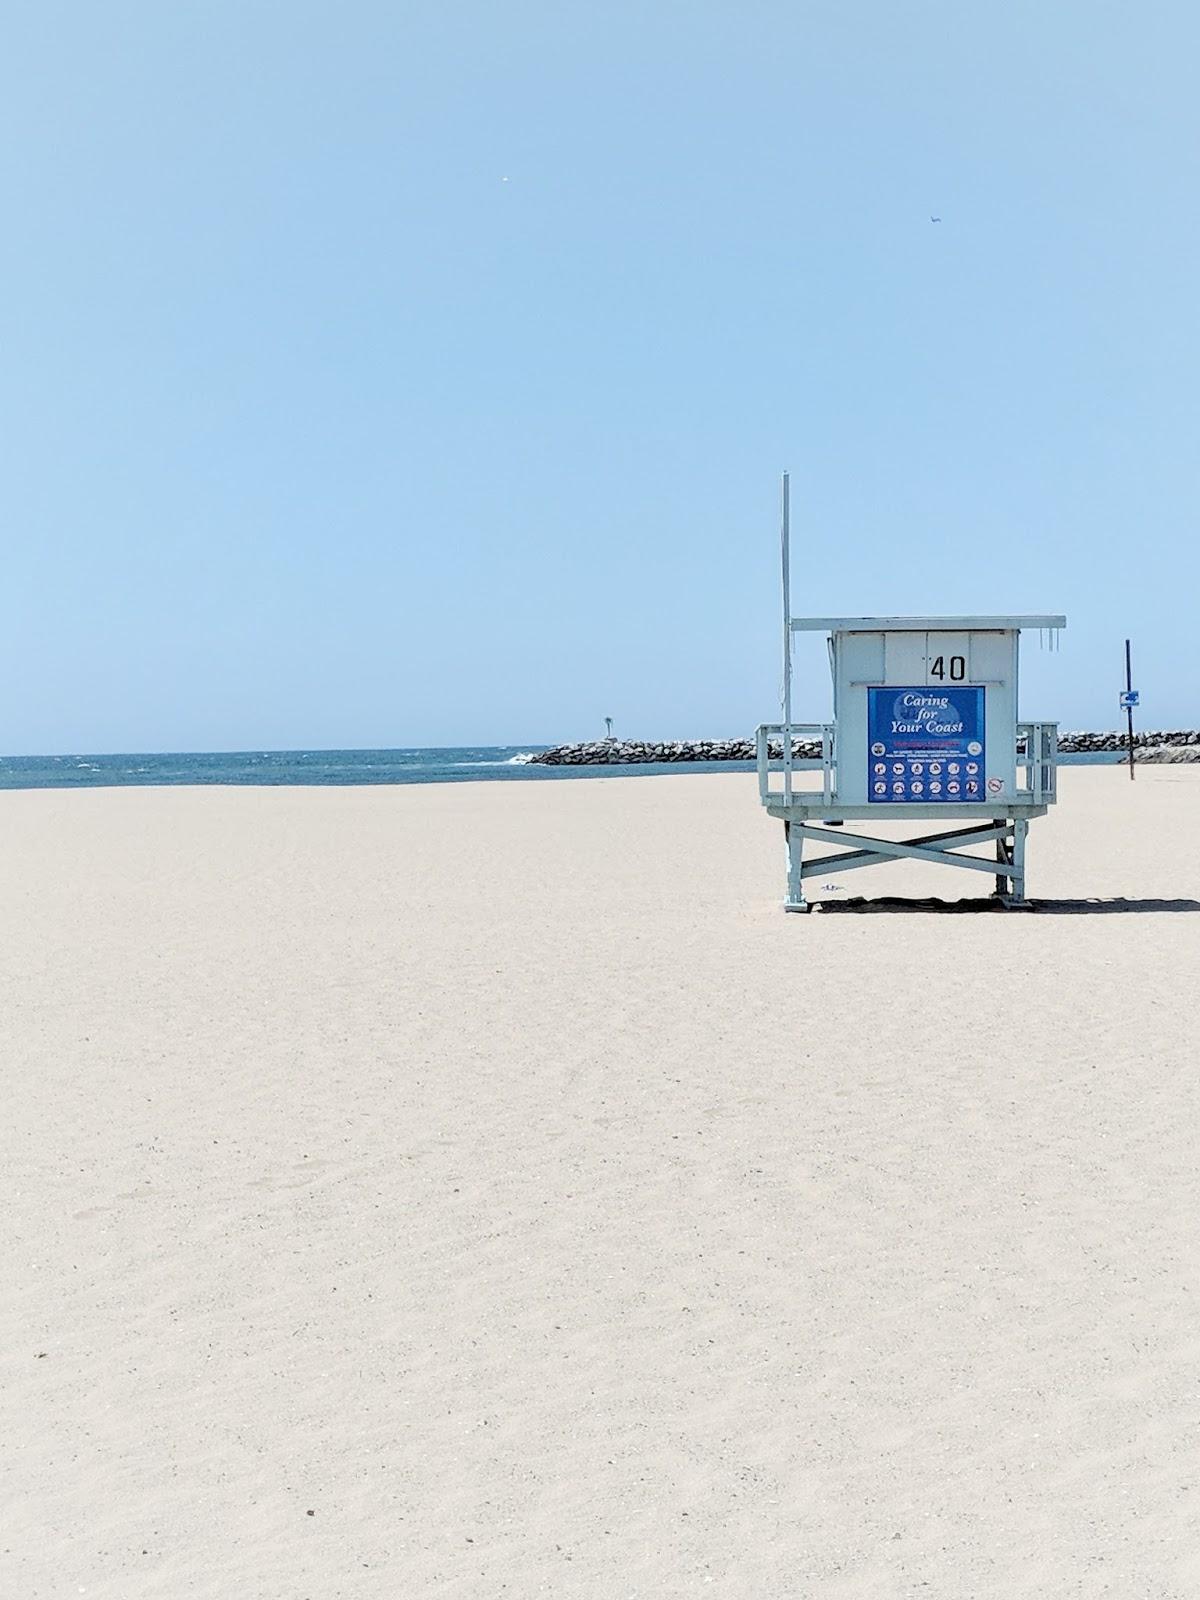 Marina Del Rey Los Angeles California beach house lifeguard house sand blue sky la ca horizon beachlife saltlife salt hair don't care serenity beach scene beach please